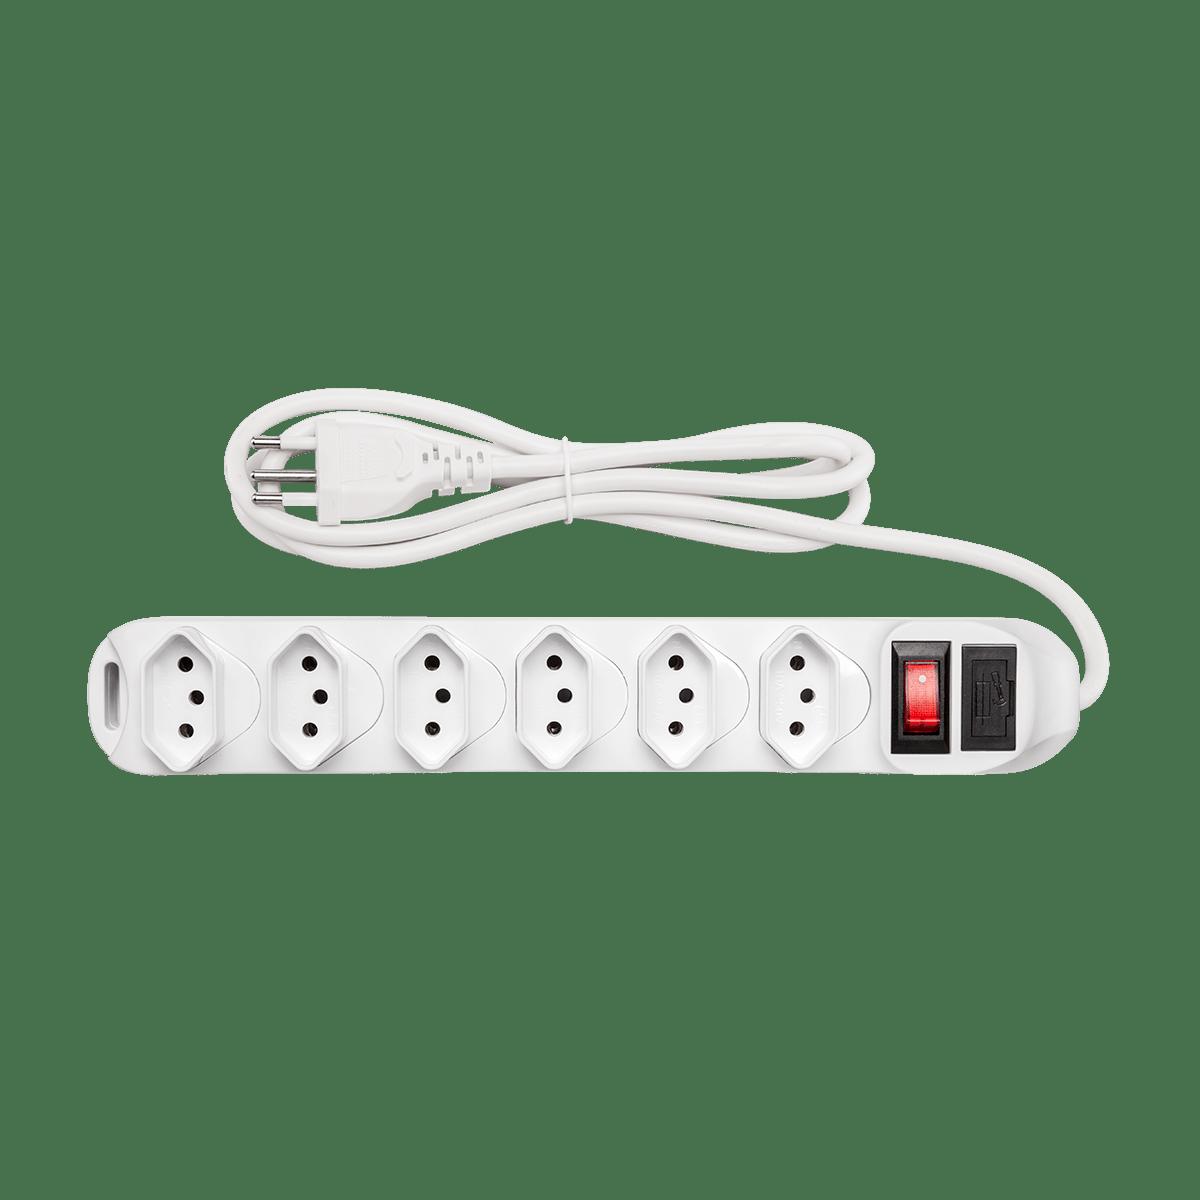 Protetor Eletrônico Intelbras com 6 tomadas EPE 1006